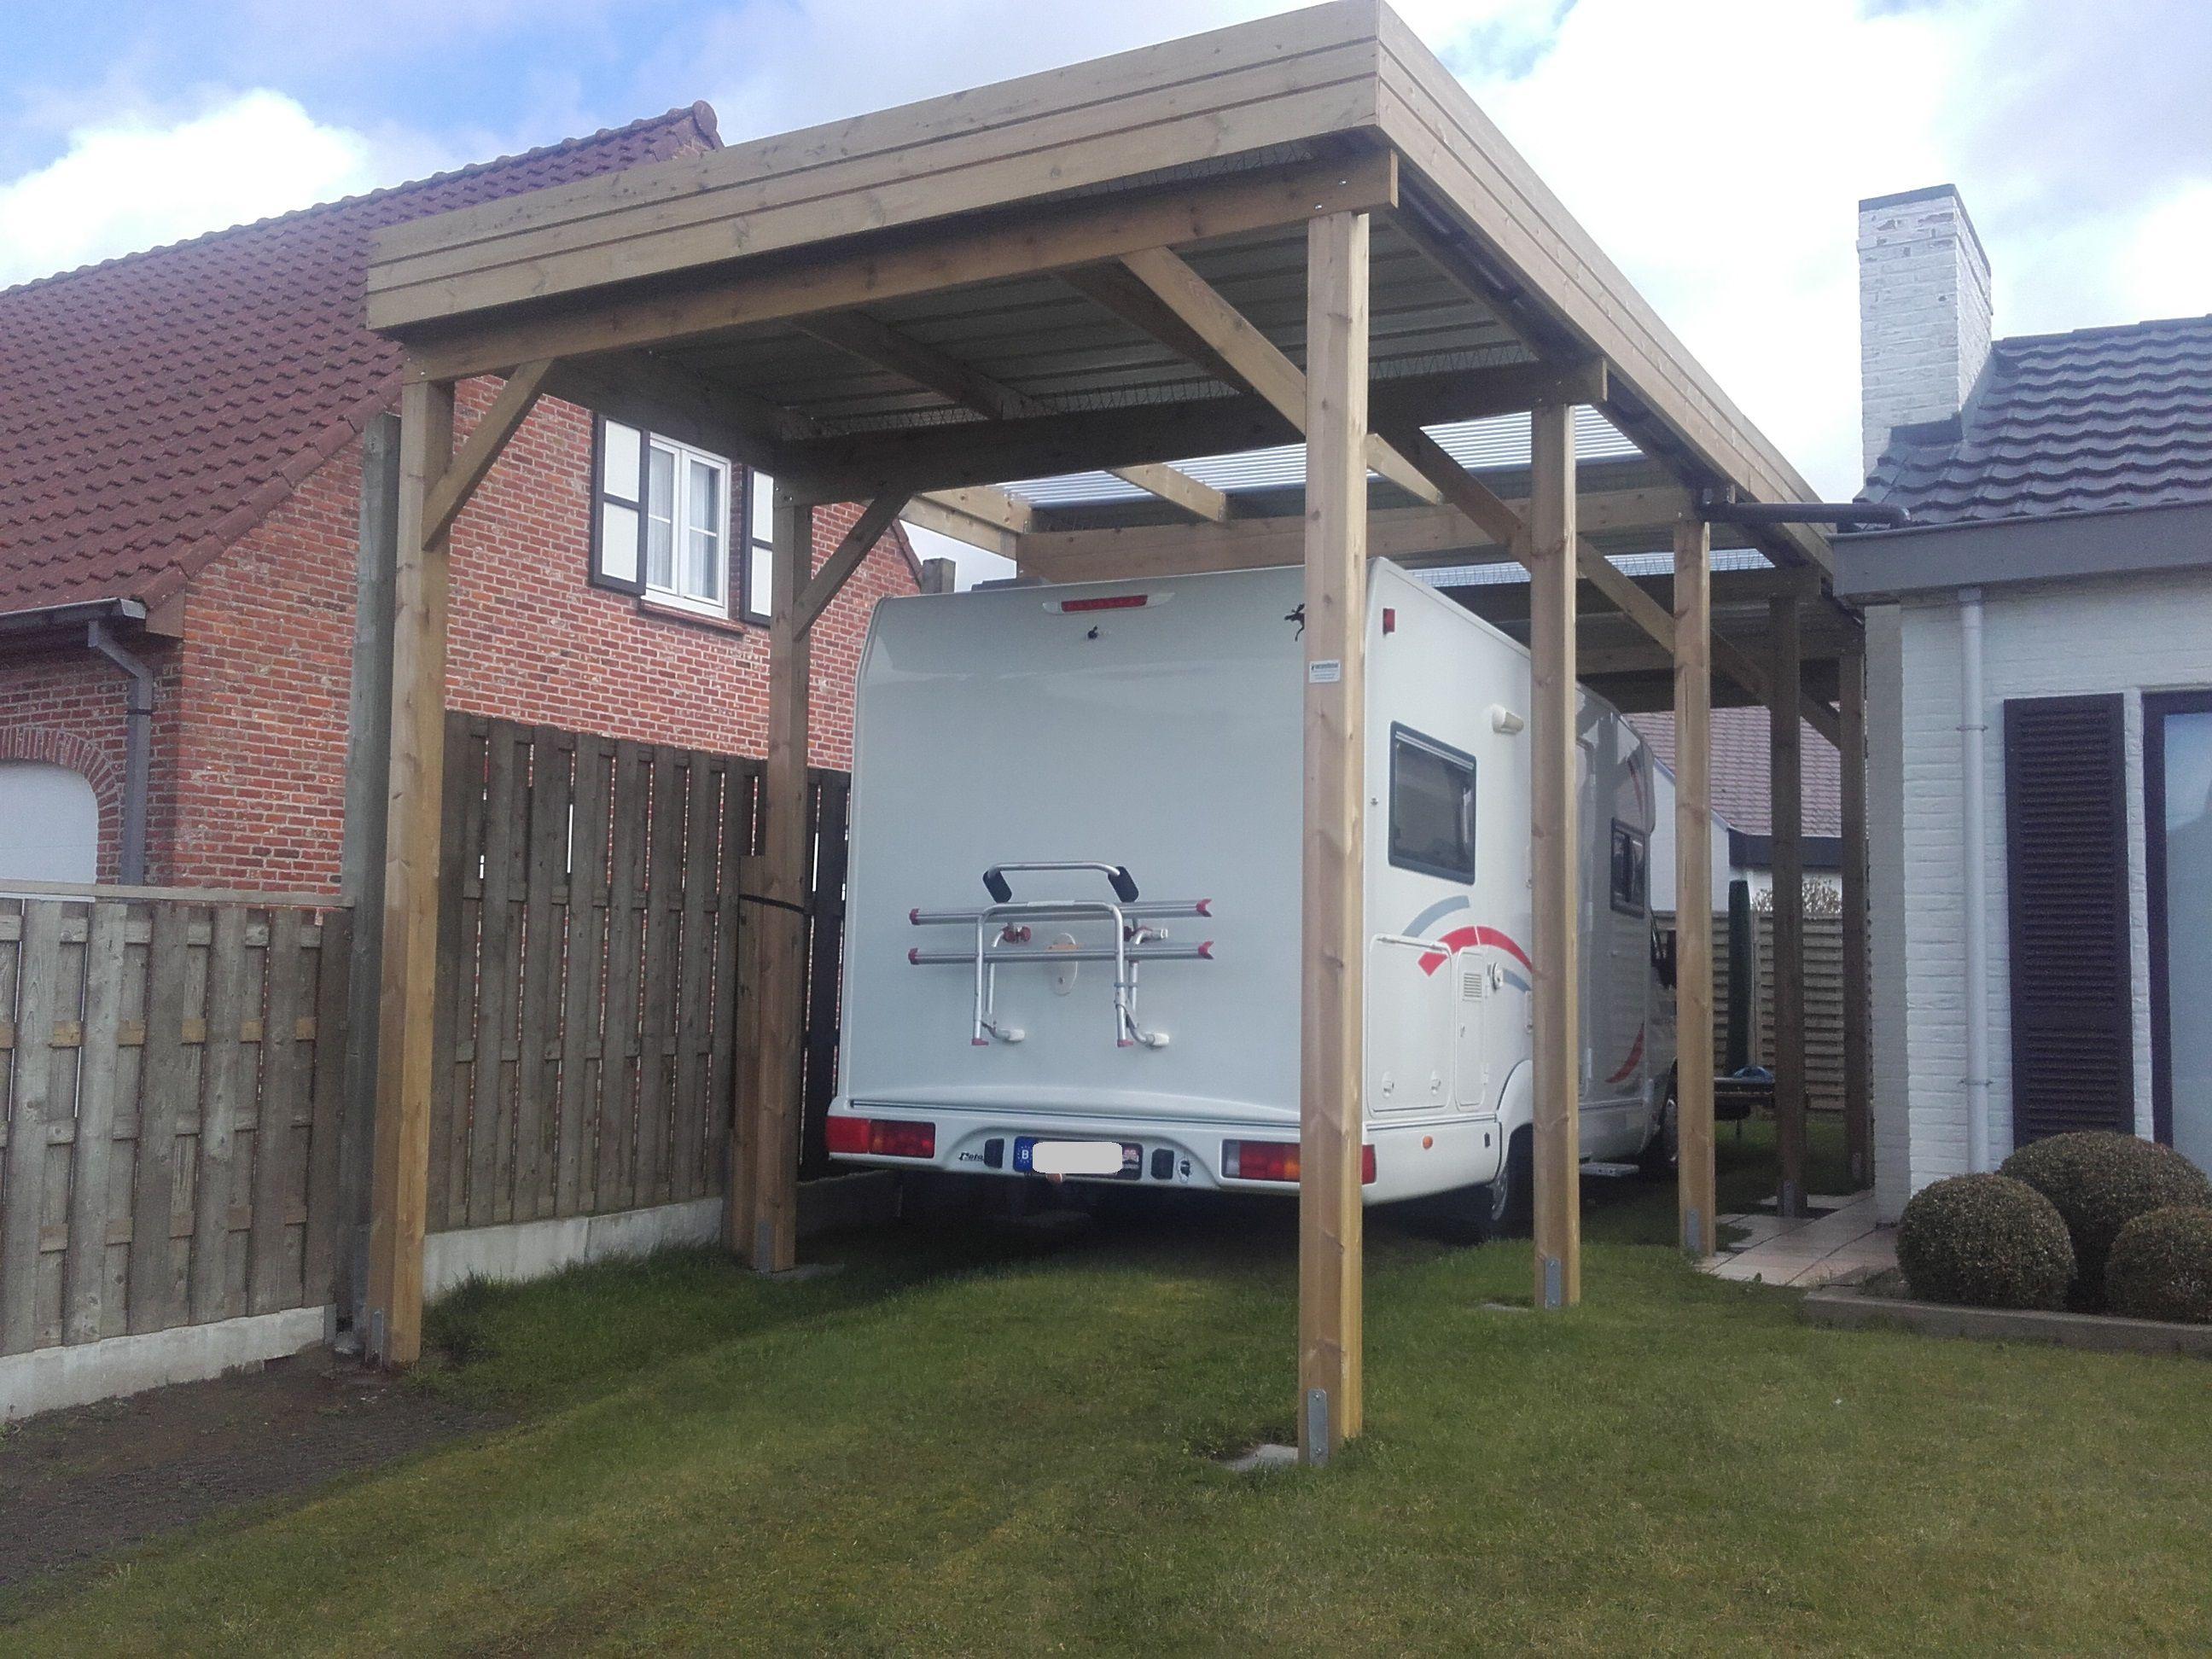 Houten carport voor camping car-mobilhome